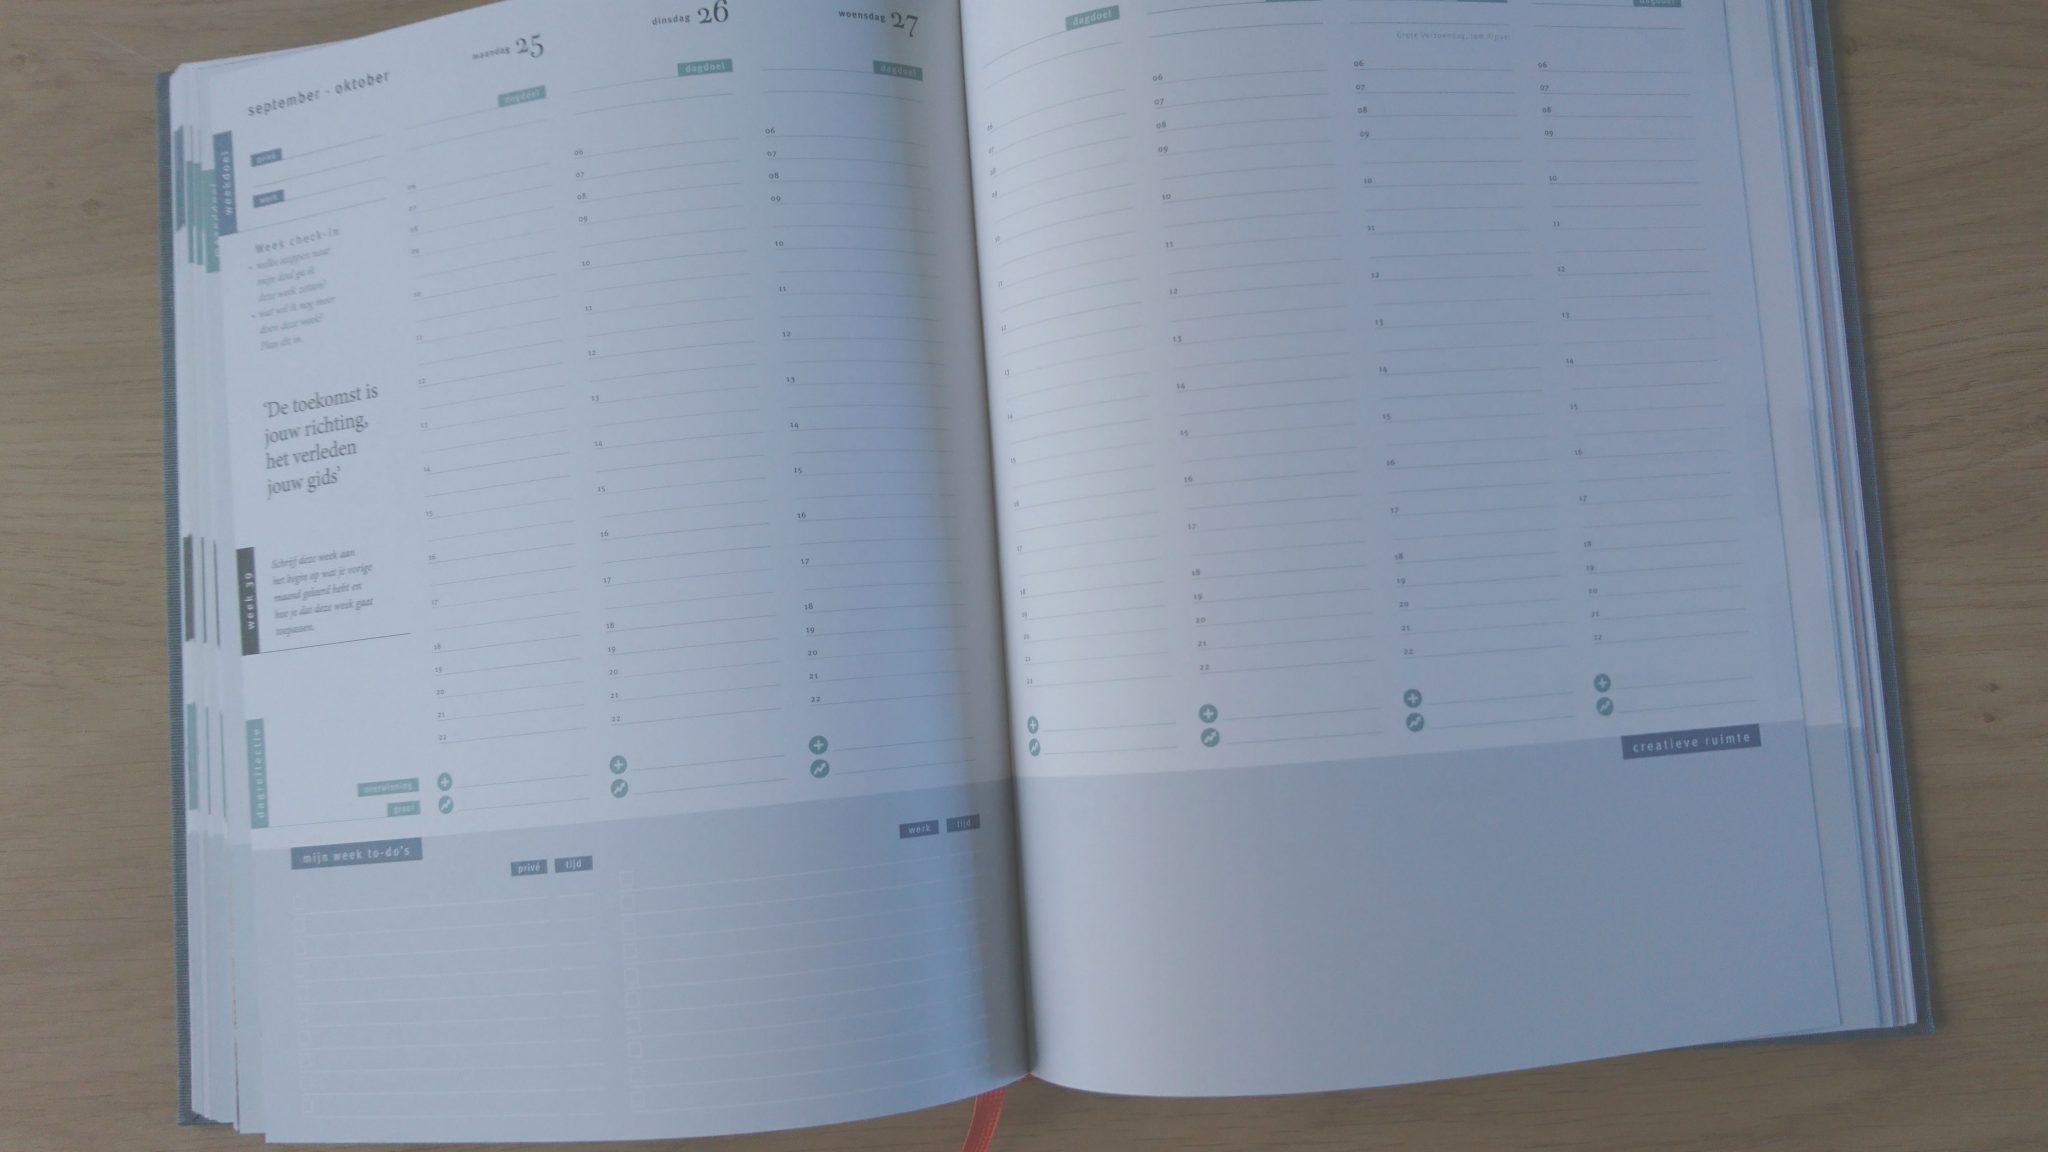 De weekplanning